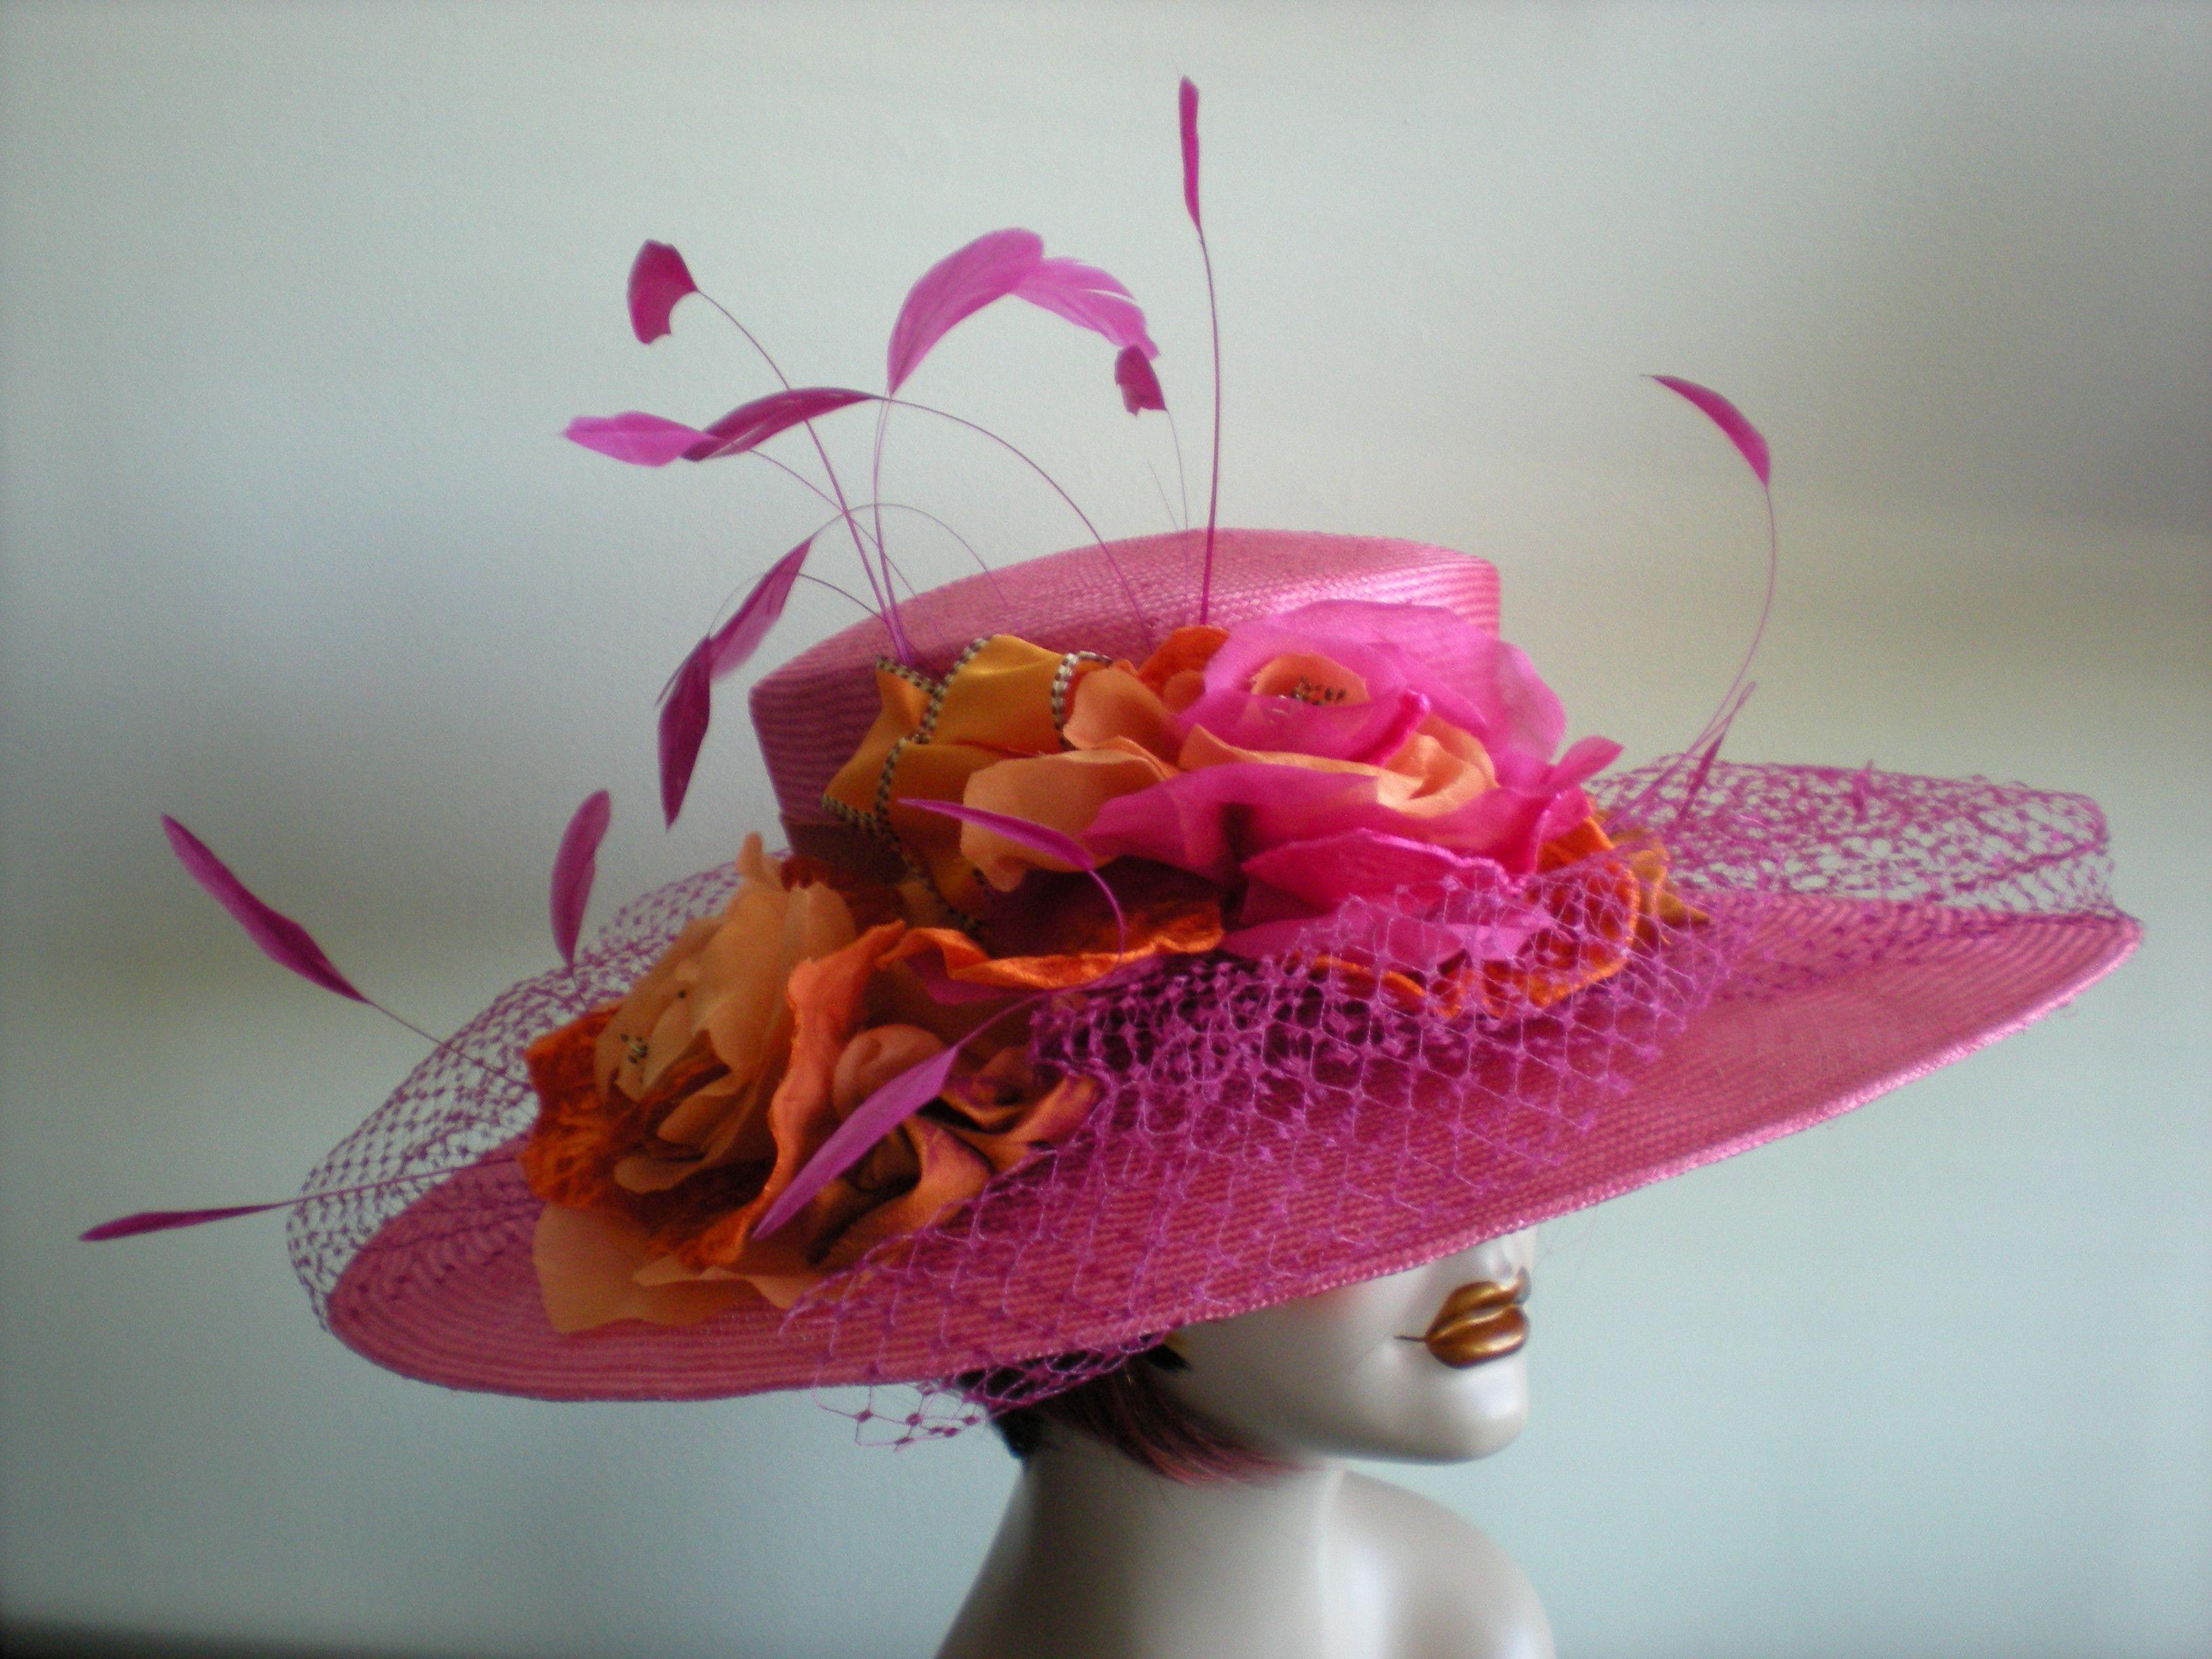 b410f98d Kentucky Derby Hats And Dress | Custom Made Kentucky Derby Hats | What a  Great Blog